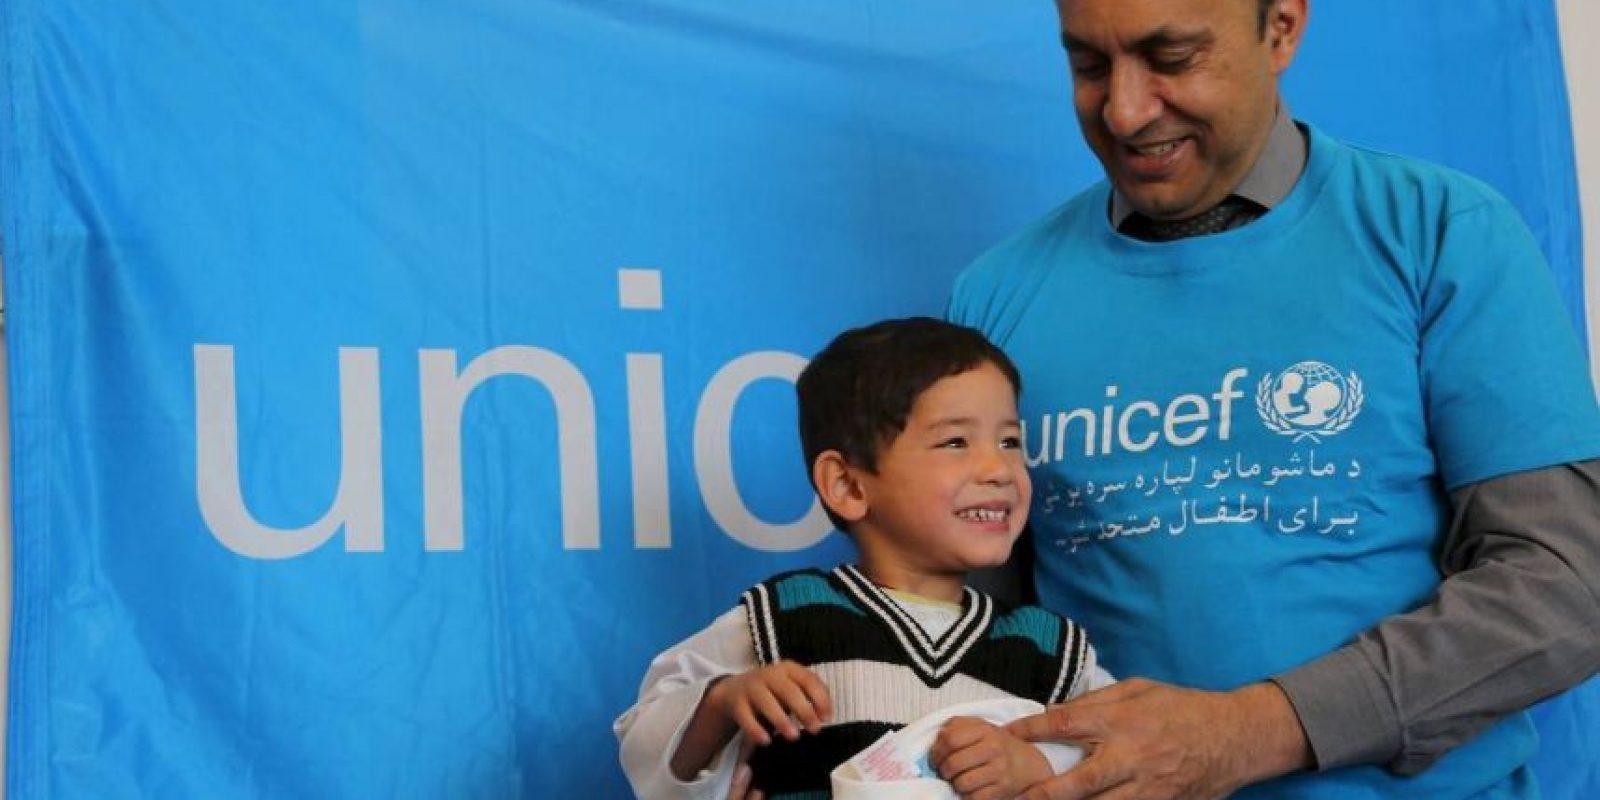 Se espera que en un futuro, pueda conocer a Lionel Messi Foto:facebook.com/afghanistanunicef/